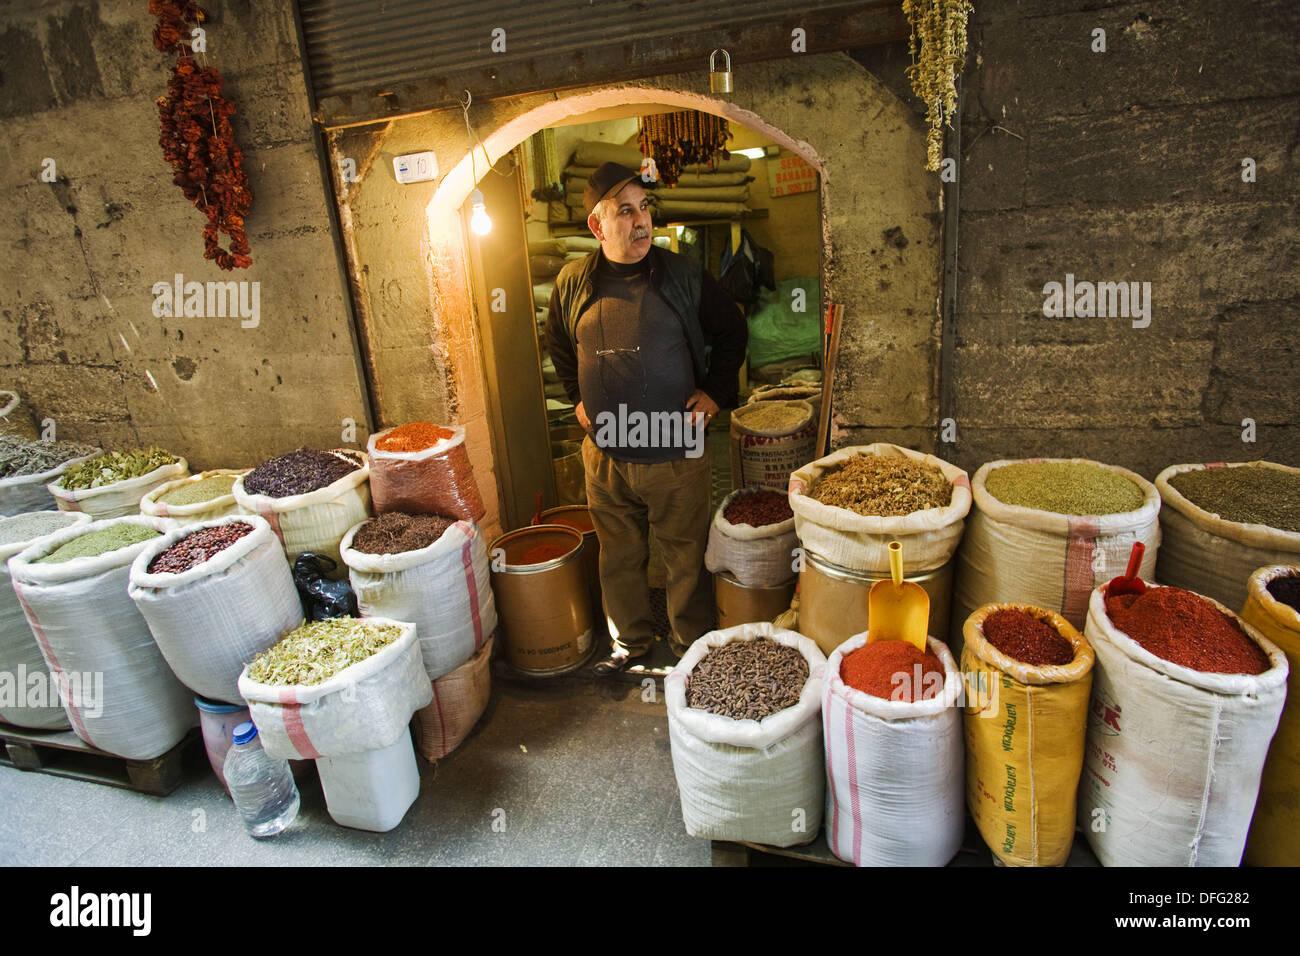 Spice Bazaar (aka Egyptian Bazaar), Eminonu, Istanbul, Turkey - Stock Image